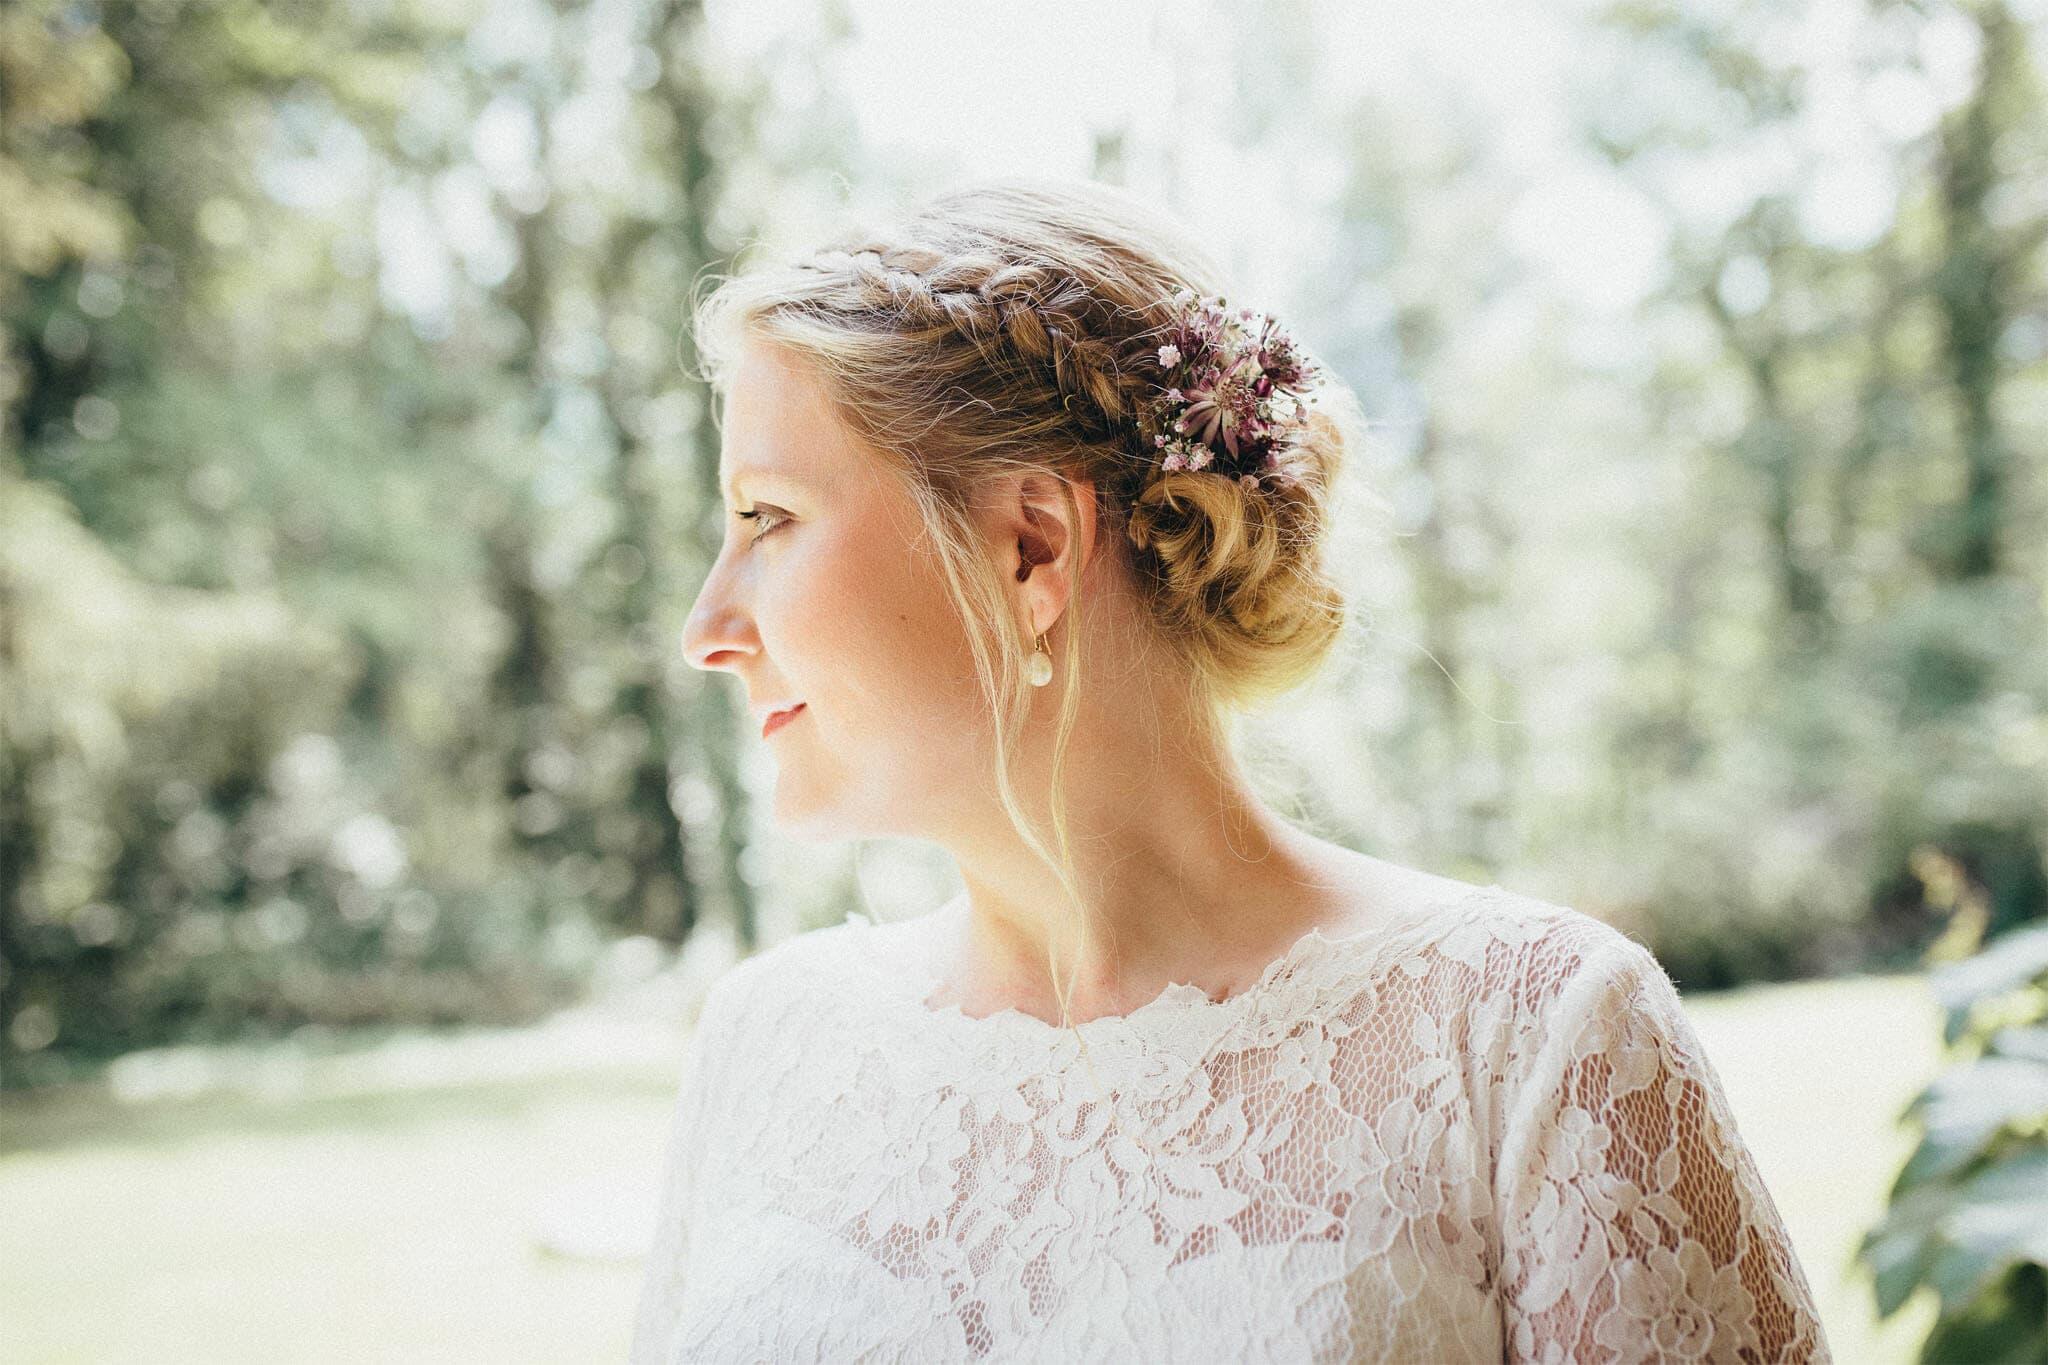 Braut, Brautstrauss, Brautpaar, Hochzeitsfotograf, Hochzeitsfotogtrafie, Regensburg, Neunburg, Weiden, Schwandorf, Oberpfalz, München, Bayern